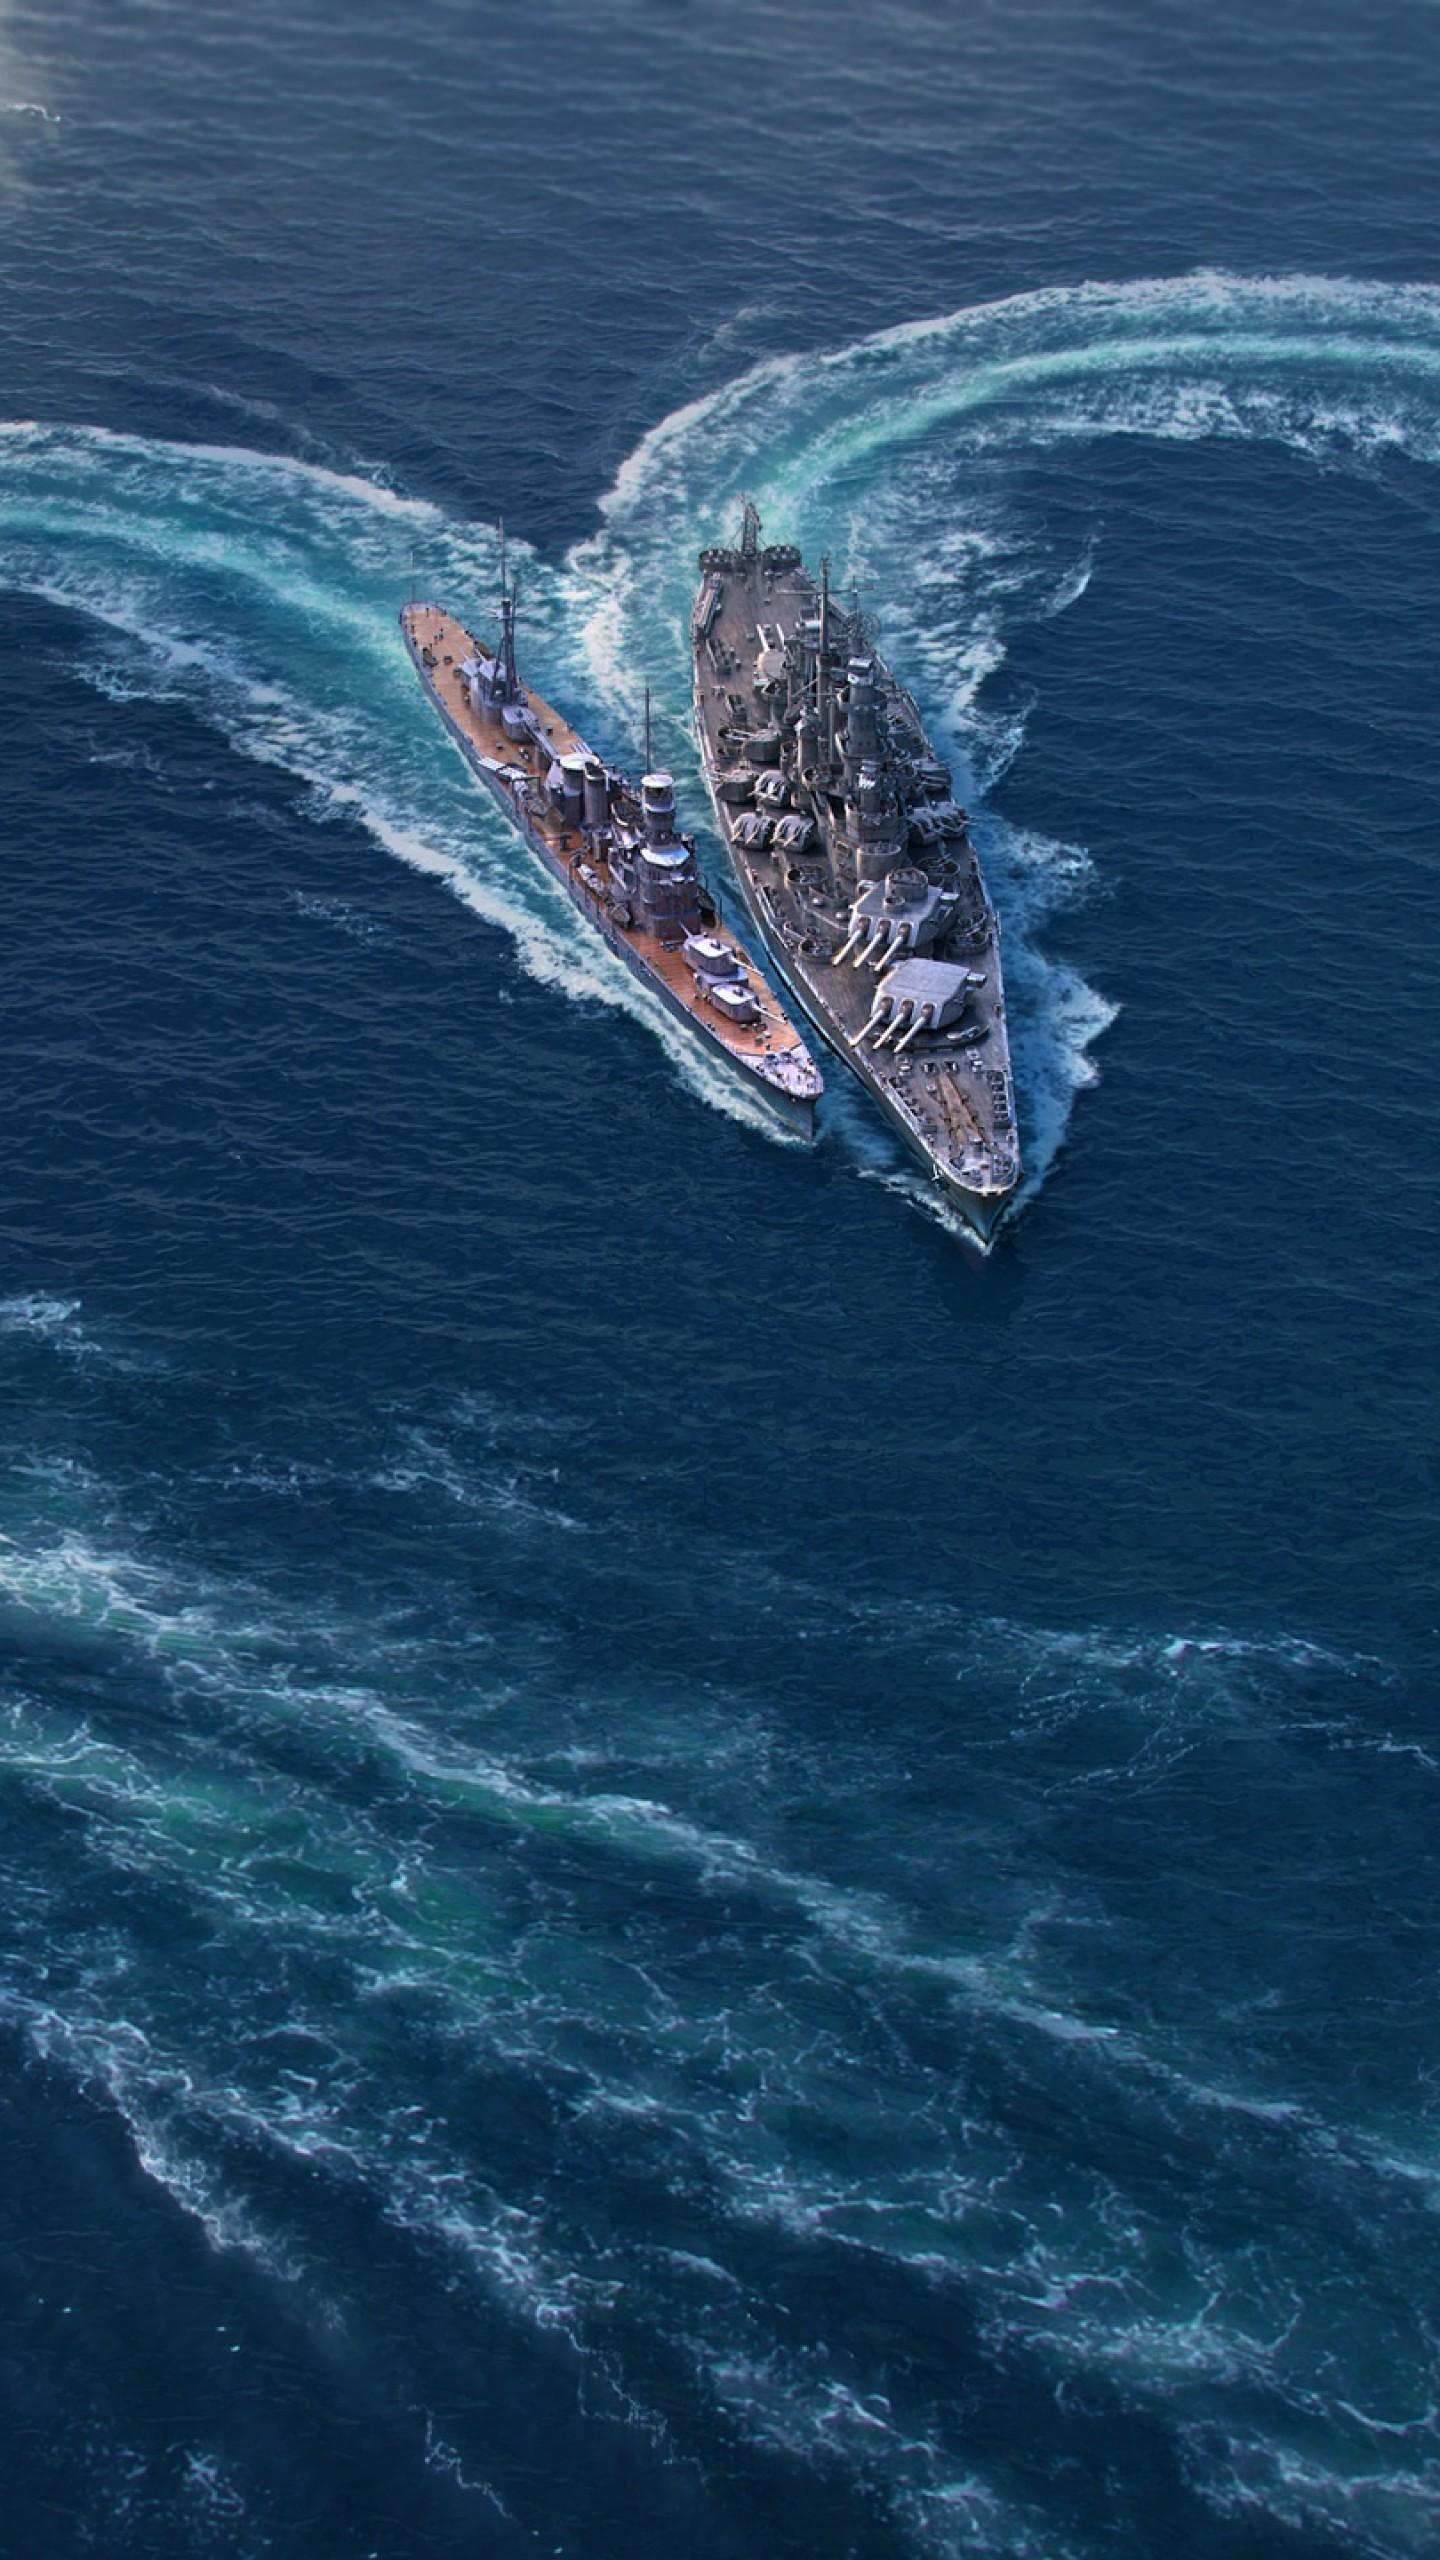 عکس زمینه ترسیم شکل قلب با کشتی های جنگی پس زمینه